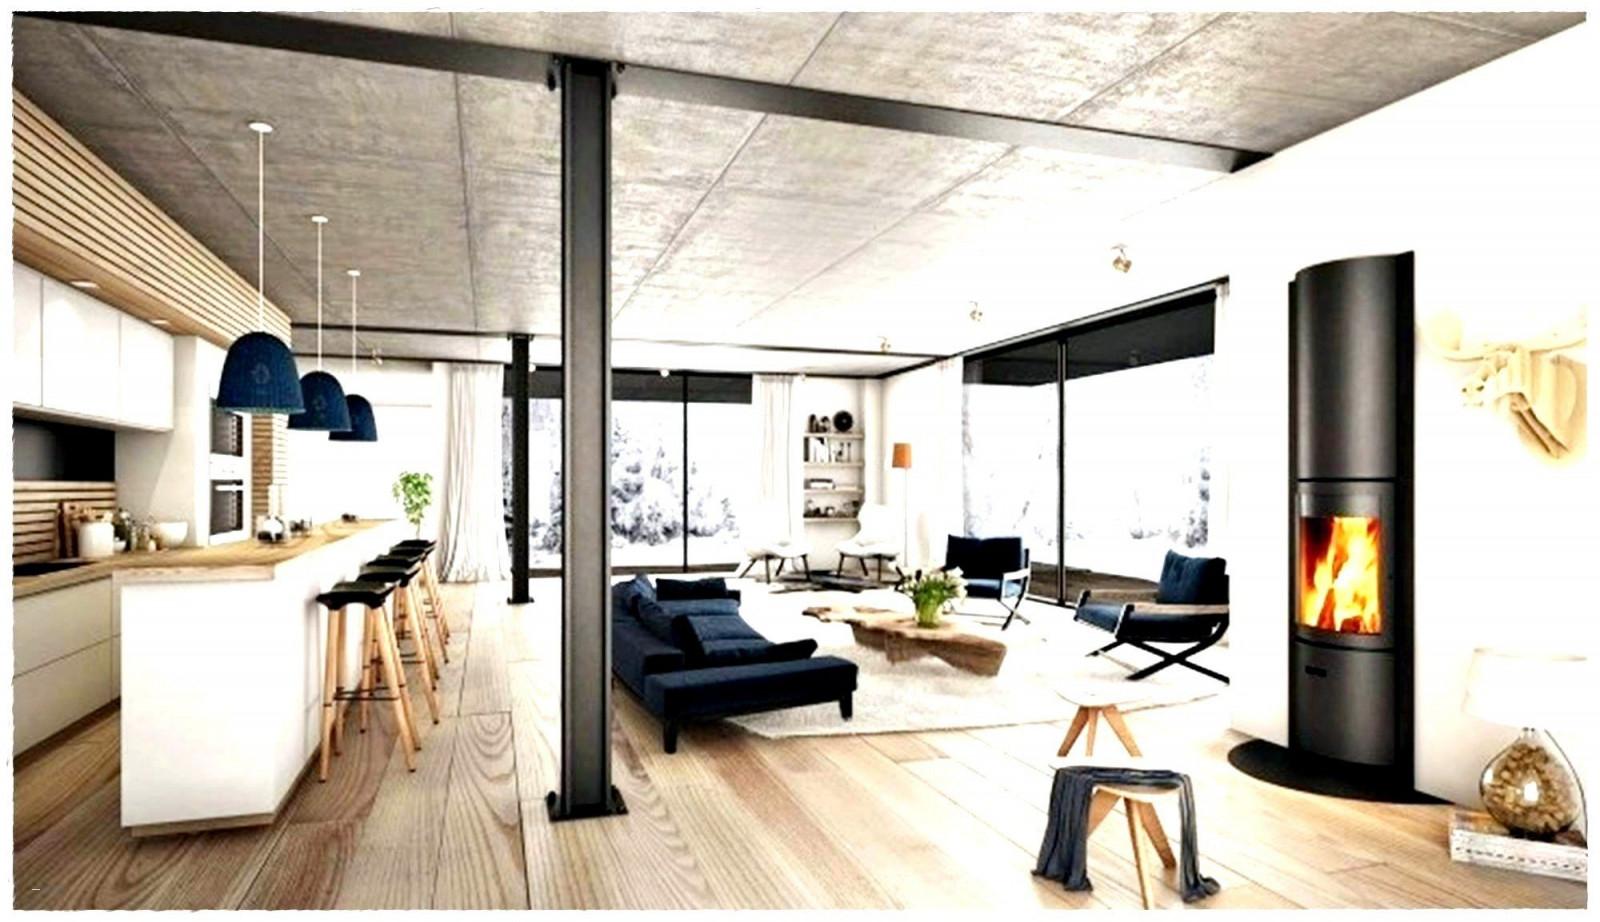 Großes Wohnzimmer Bild  Wohnzimmer Design Wohnzimmer von Großes Wohnzimmer Ideen Photo